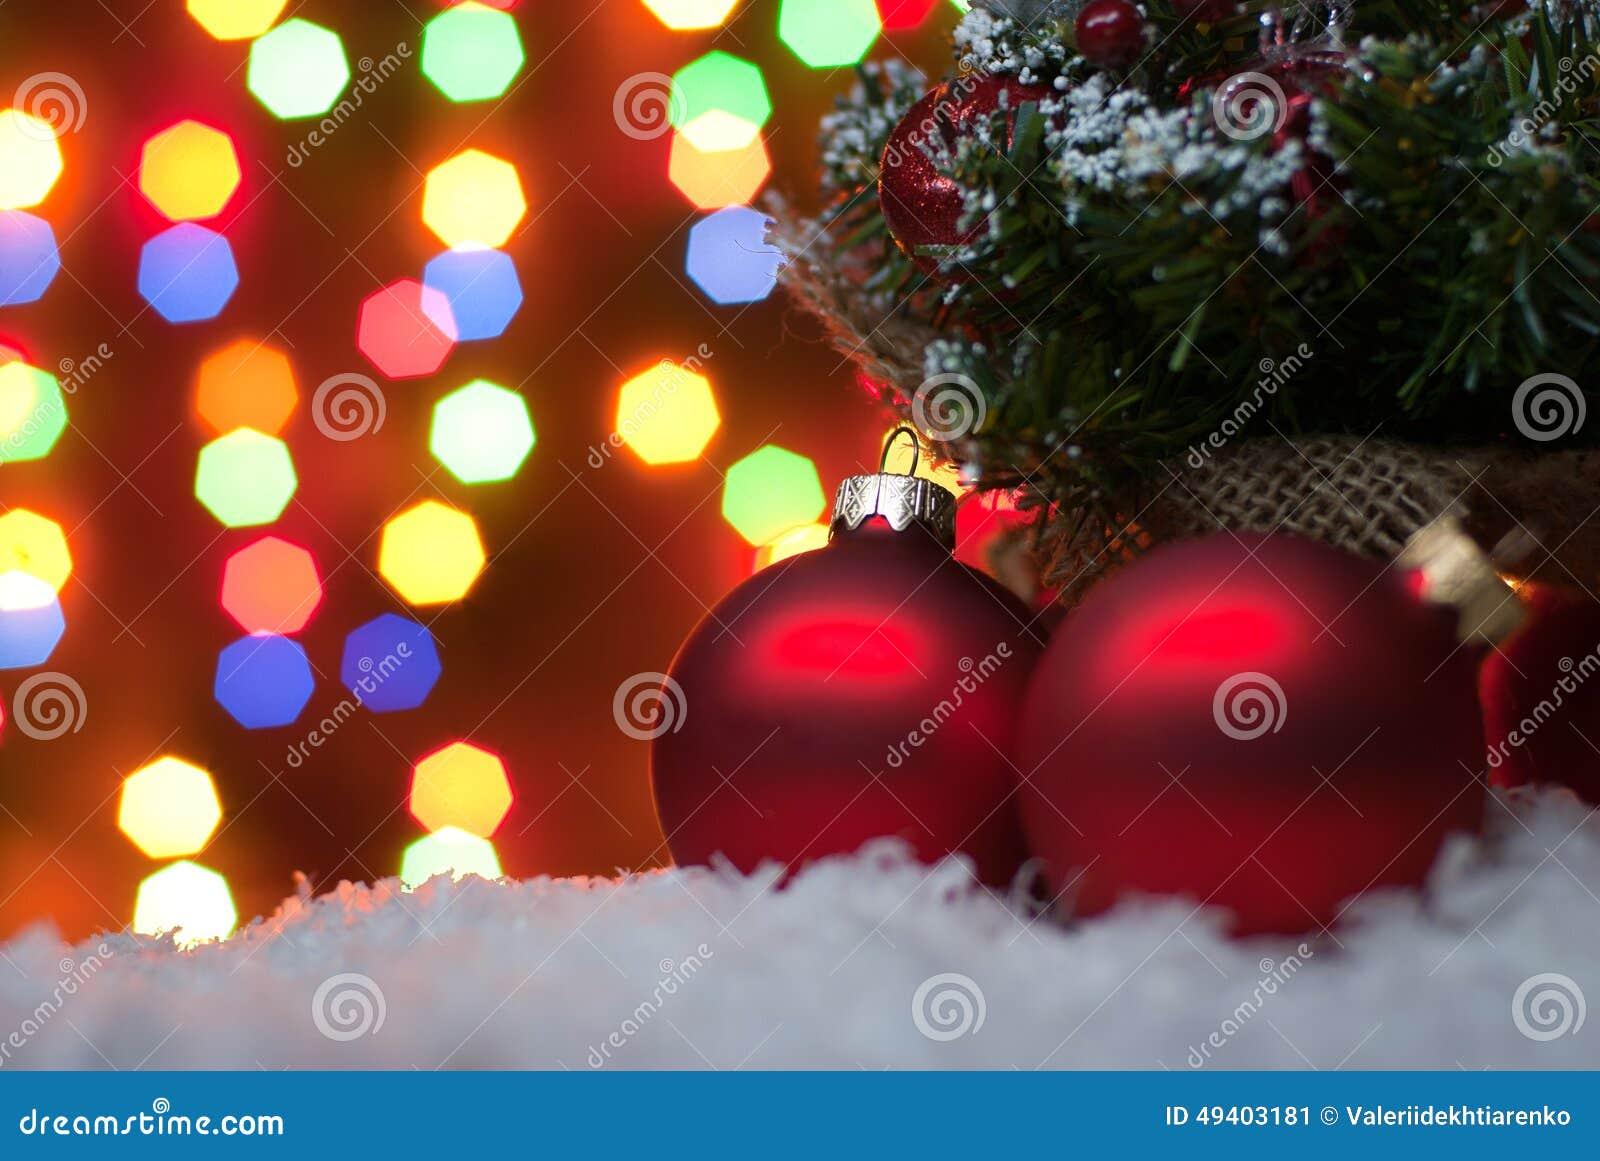 Download Weihnachten Spielt Im Schnee Mit Einem Weihnachtsbaum Mit Girlanden O Stockbild - Bild von dekorationen, familie: 49403181